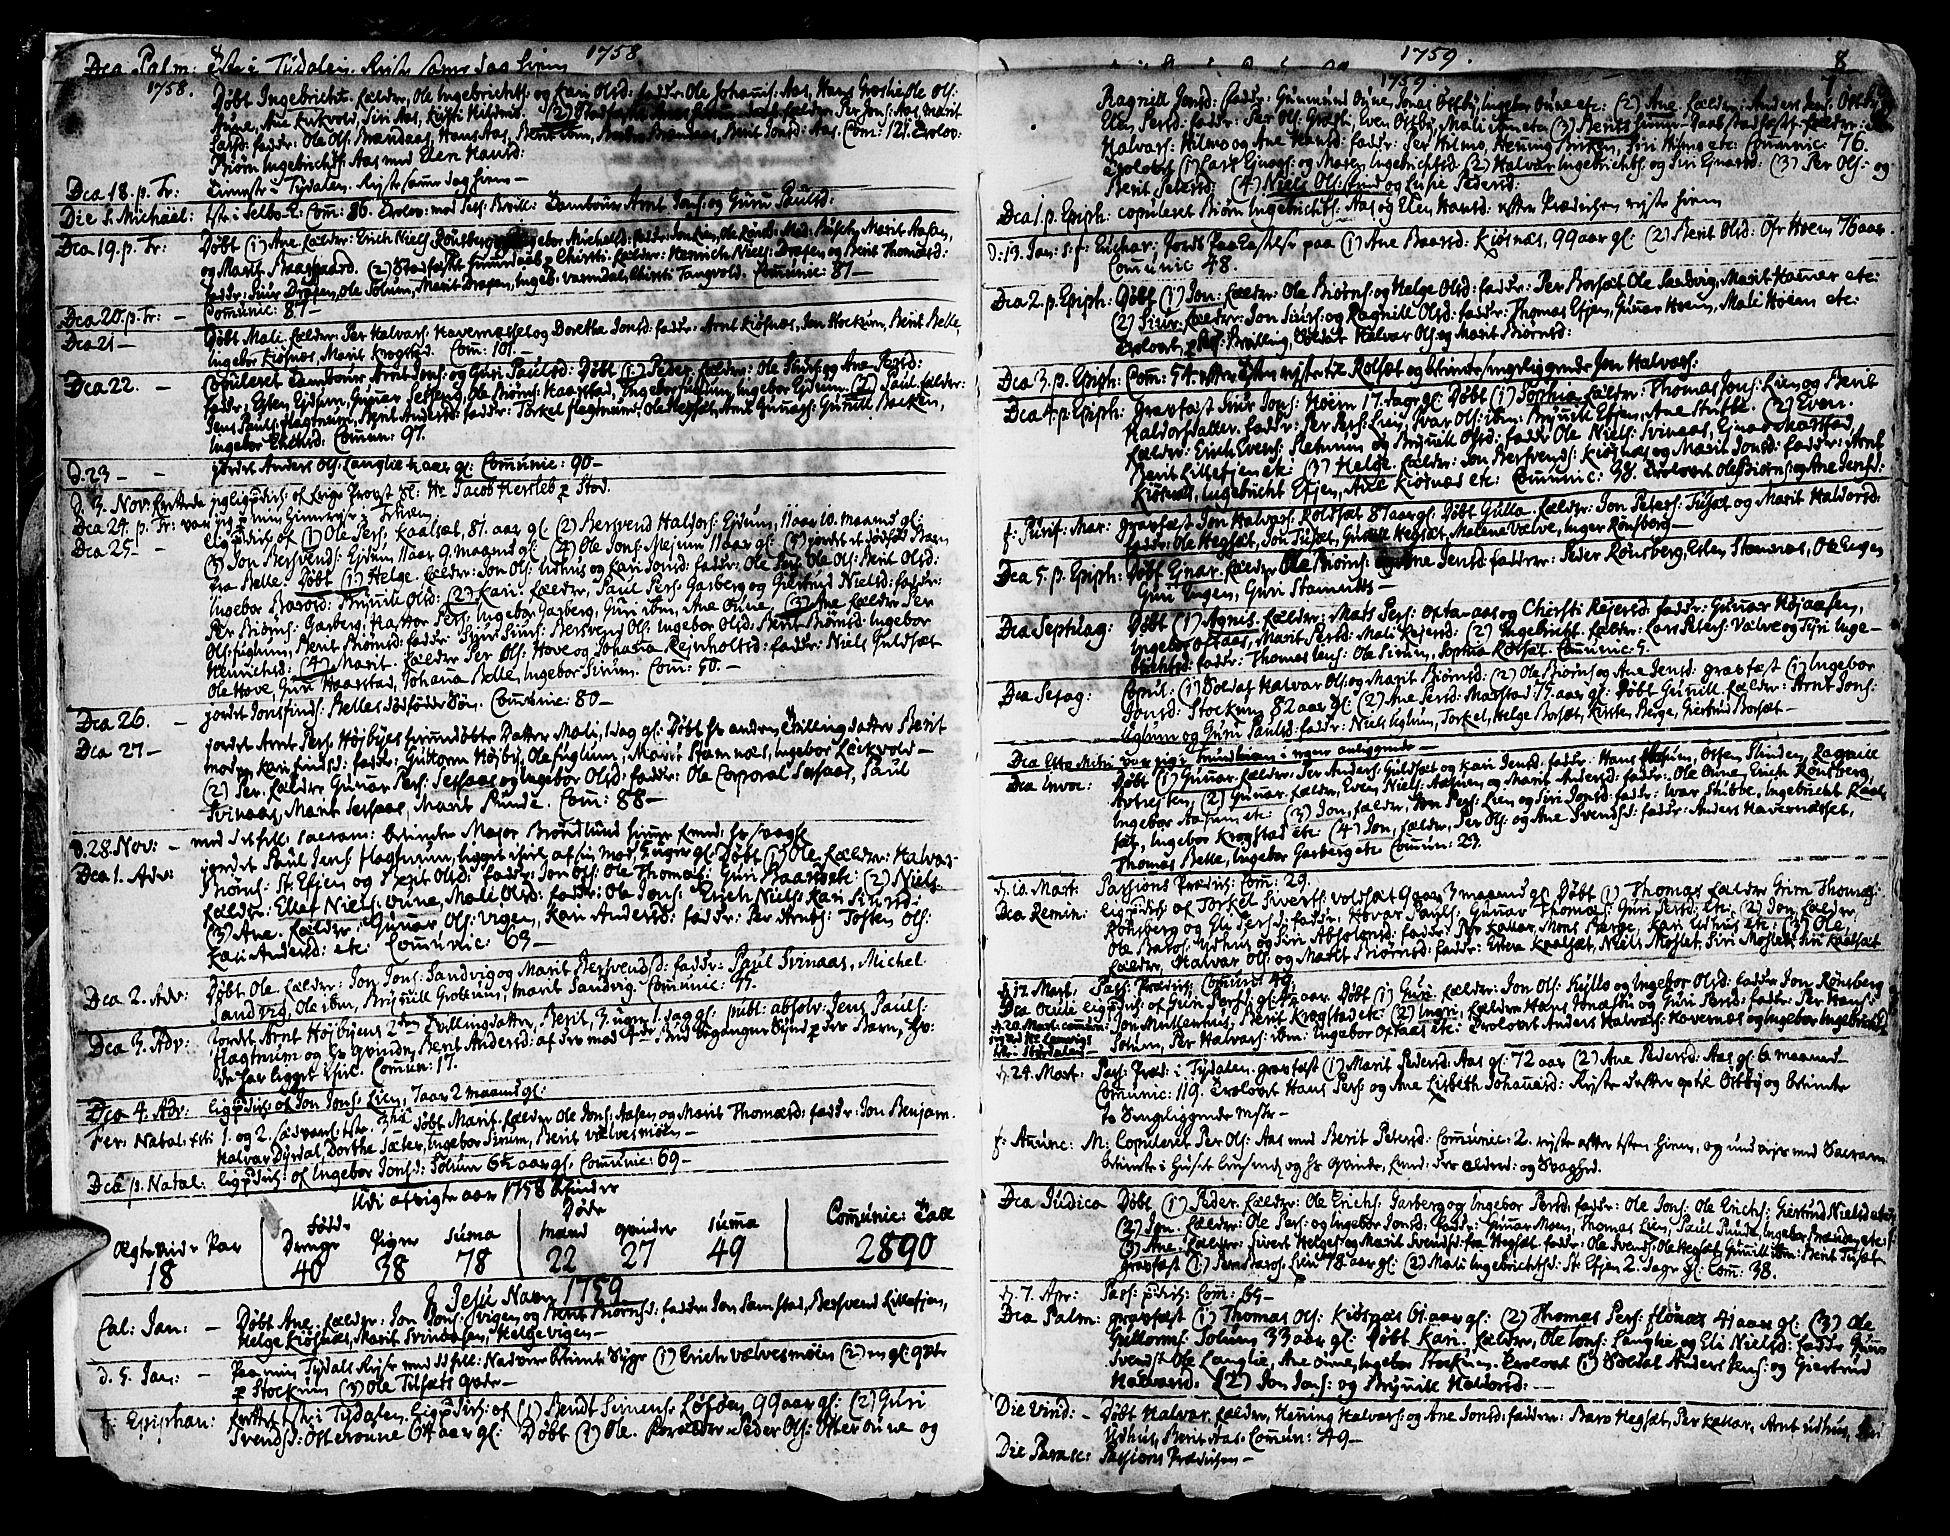 SAT, Ministerialprotokoller, klokkerbøker og fødselsregistre - Sør-Trøndelag, 695/L1138: Ministerialbok nr. 695A02 /1, 1757-1801, s. 7